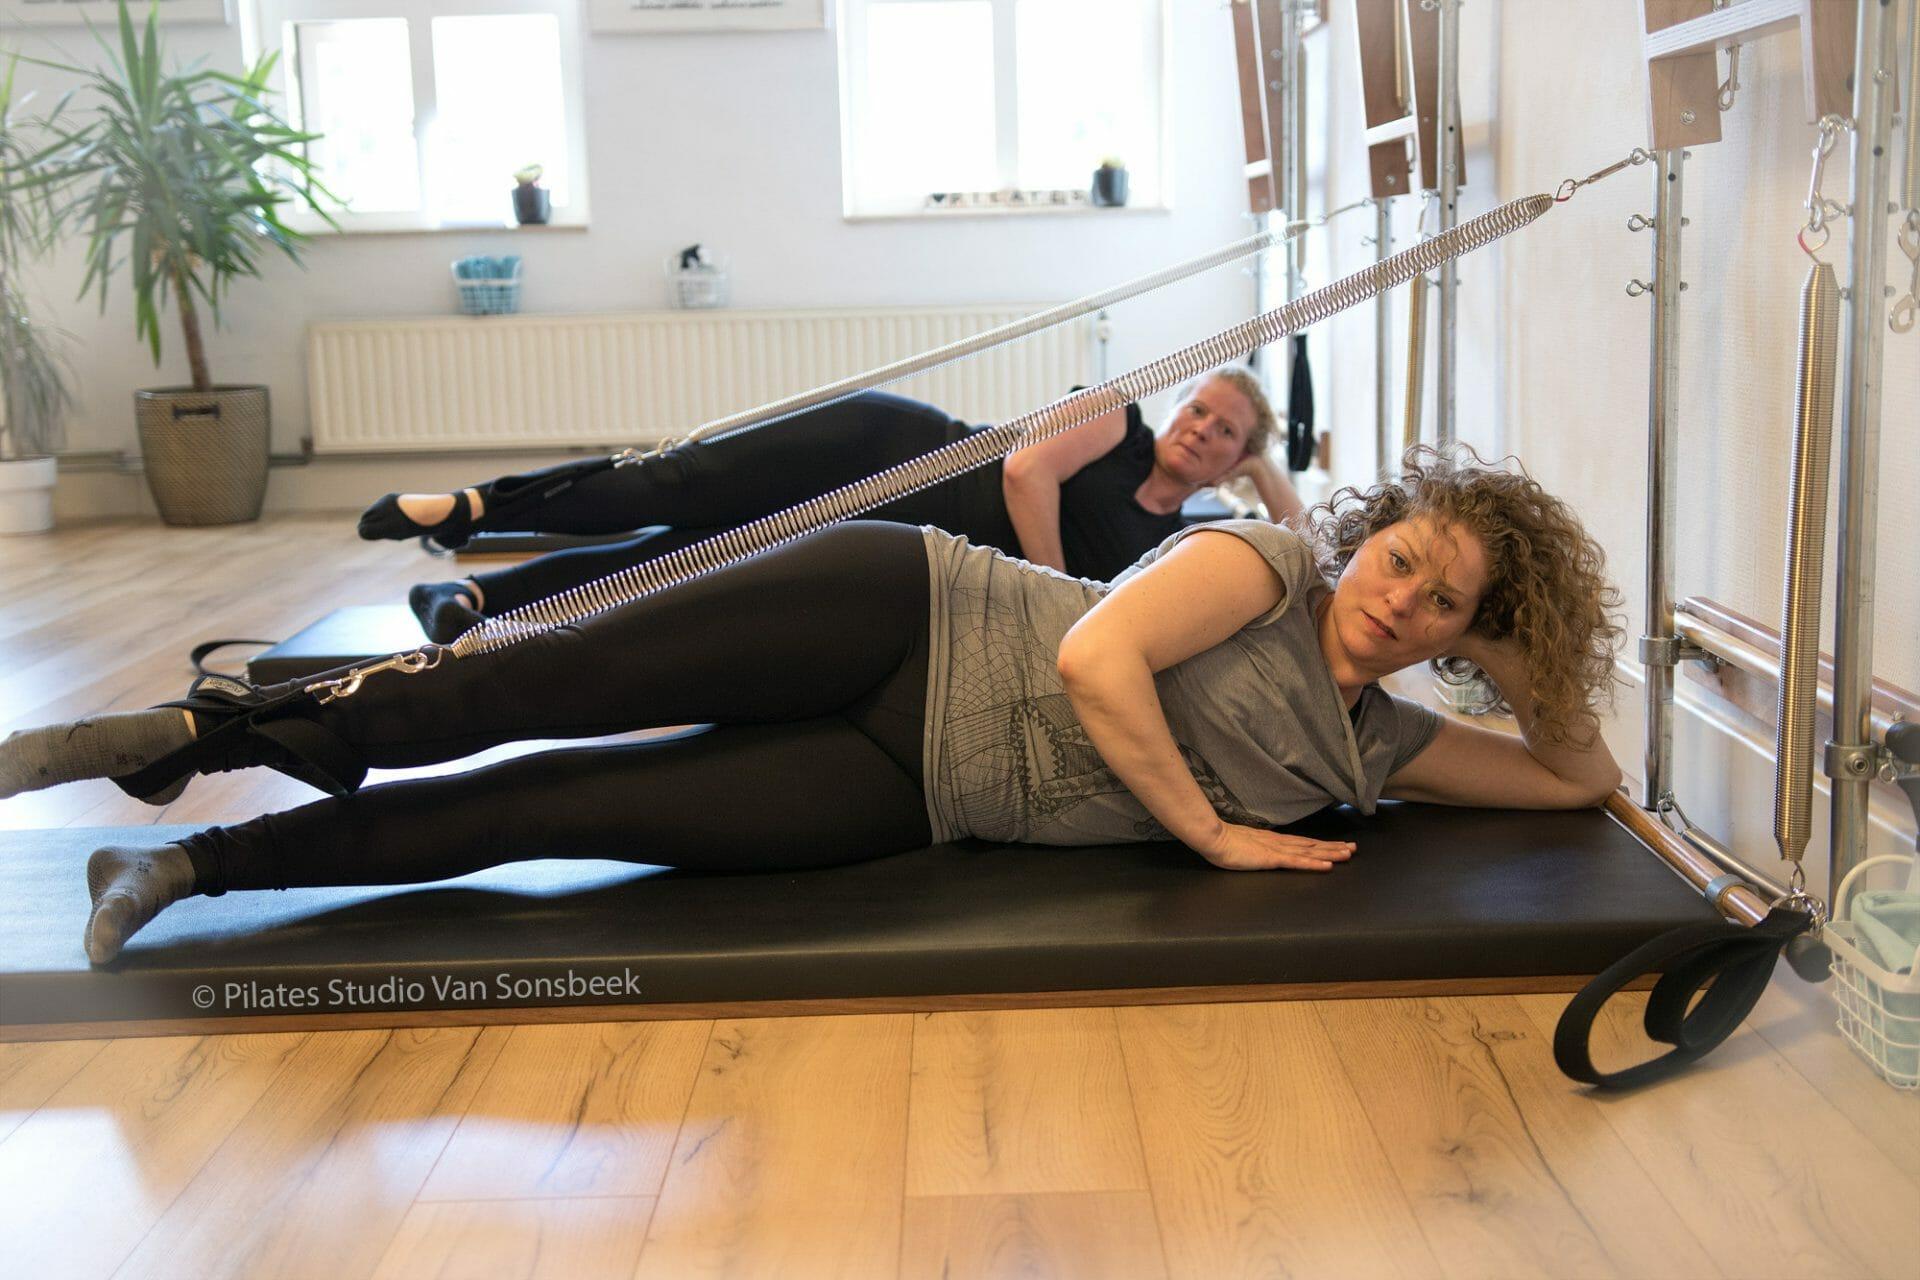 Supereffectief! Leg Springs Side Kick bij Pilates Studio Van Sonsbeek.